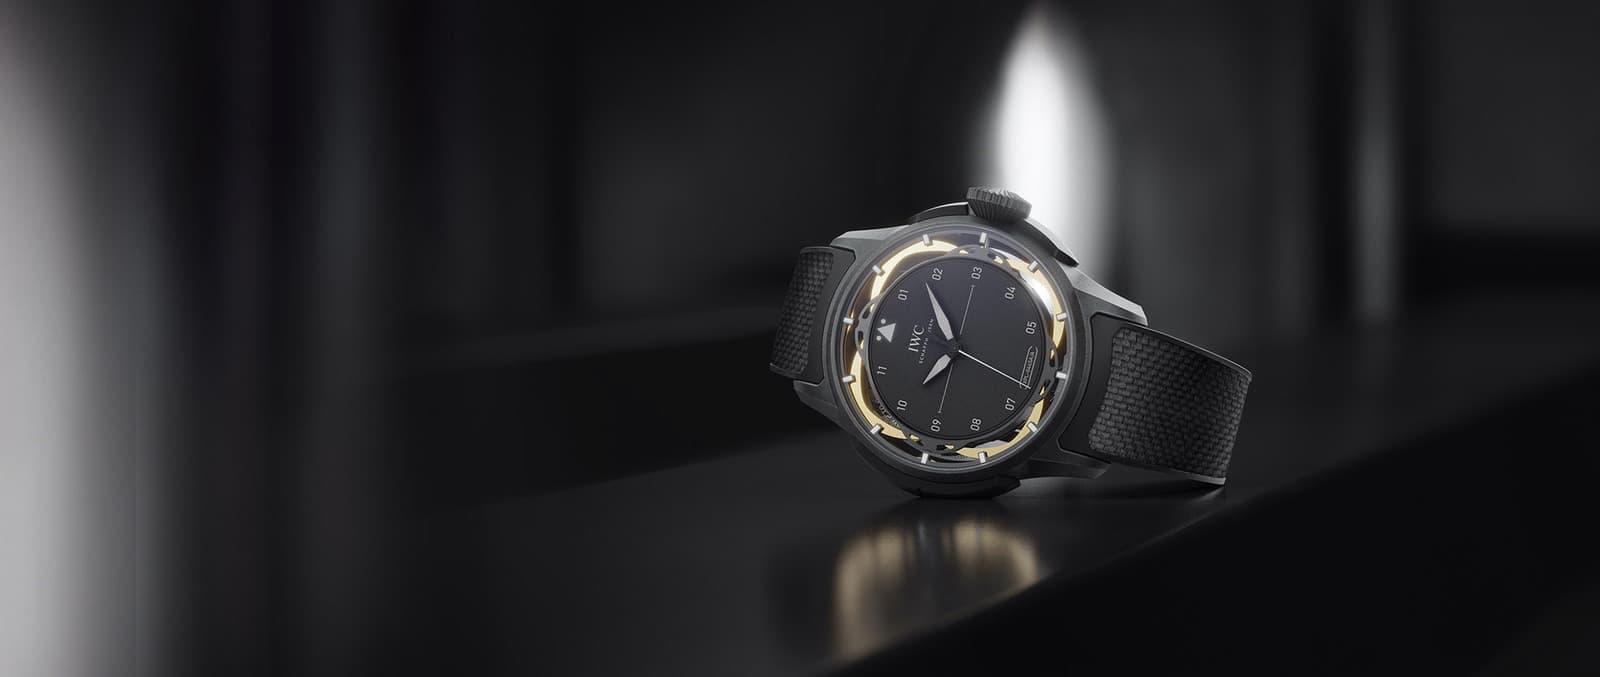 Uhren in Zeiten wie diesen